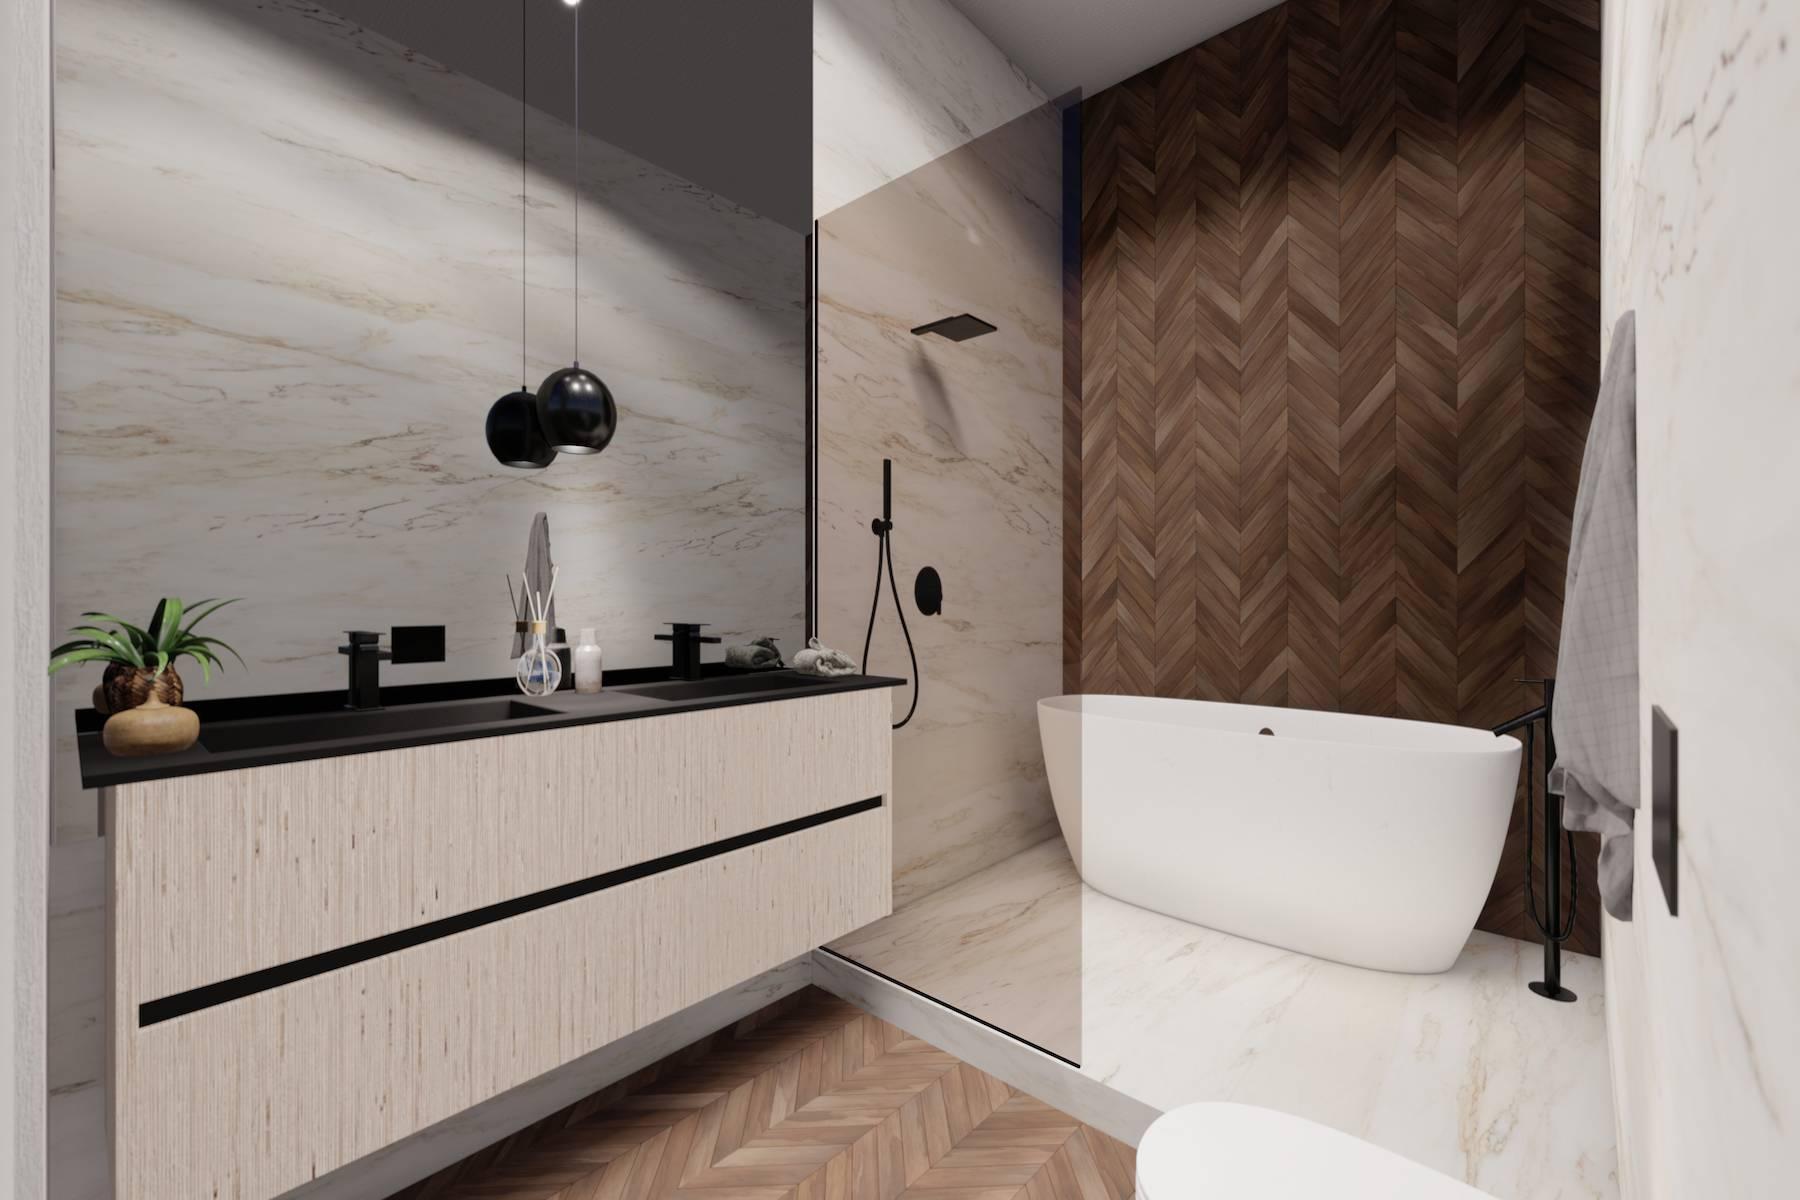 Luxury seafront apartment in Viareggio - 3